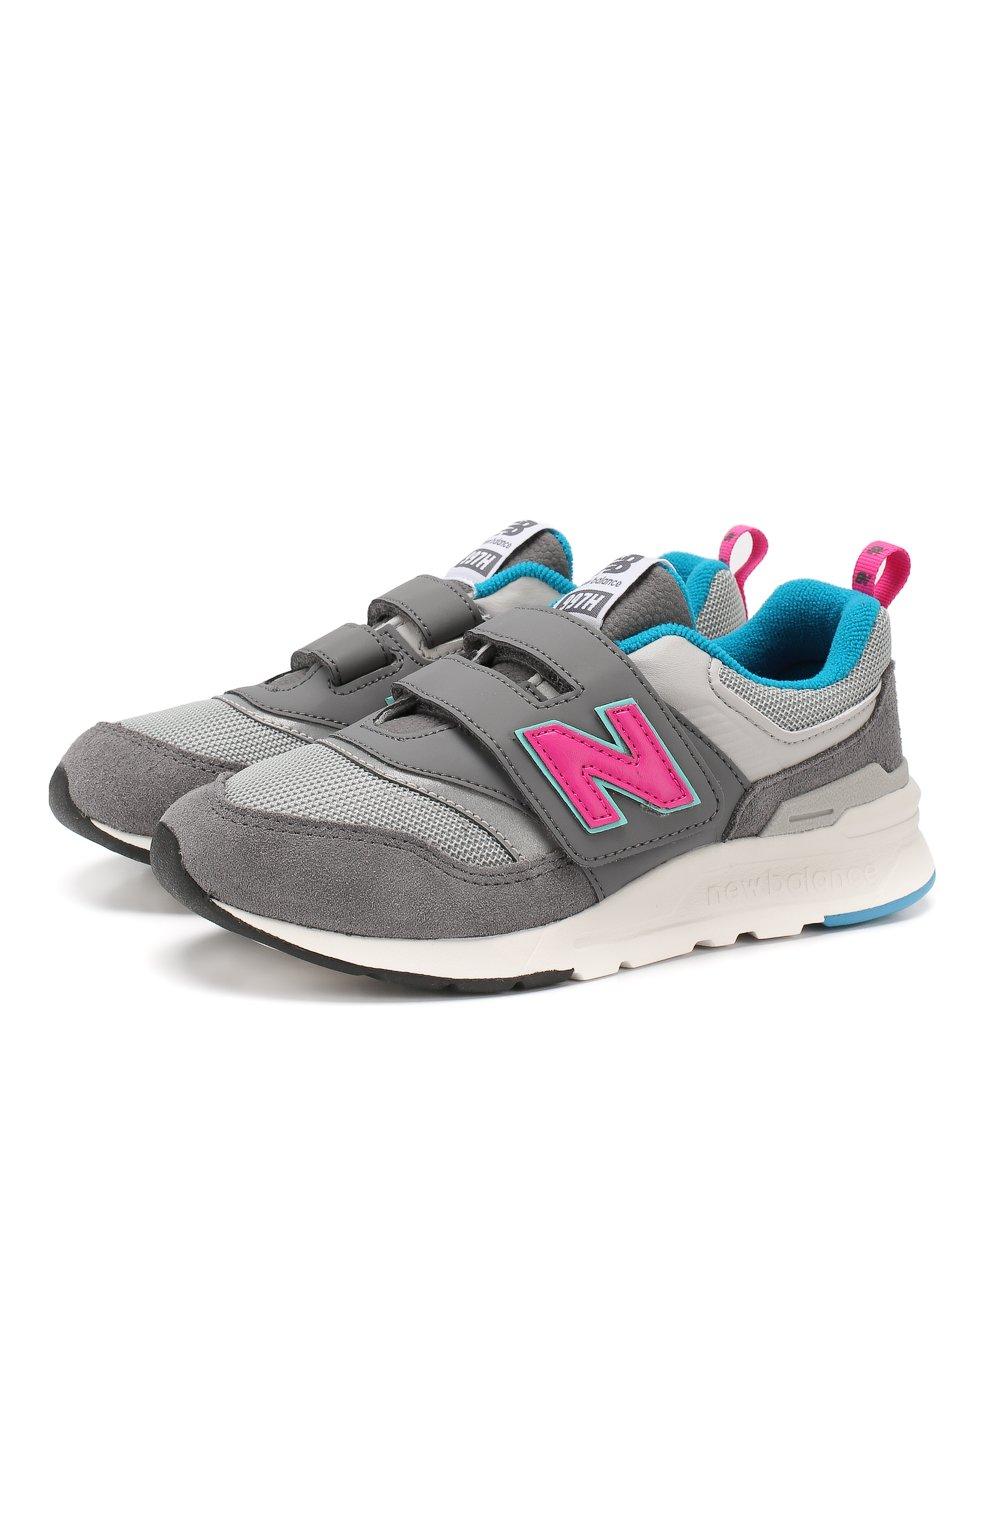 8c54d03f Детские кроссовки 997h NEW BALANCE серого цвета — купить за 6040 руб ...